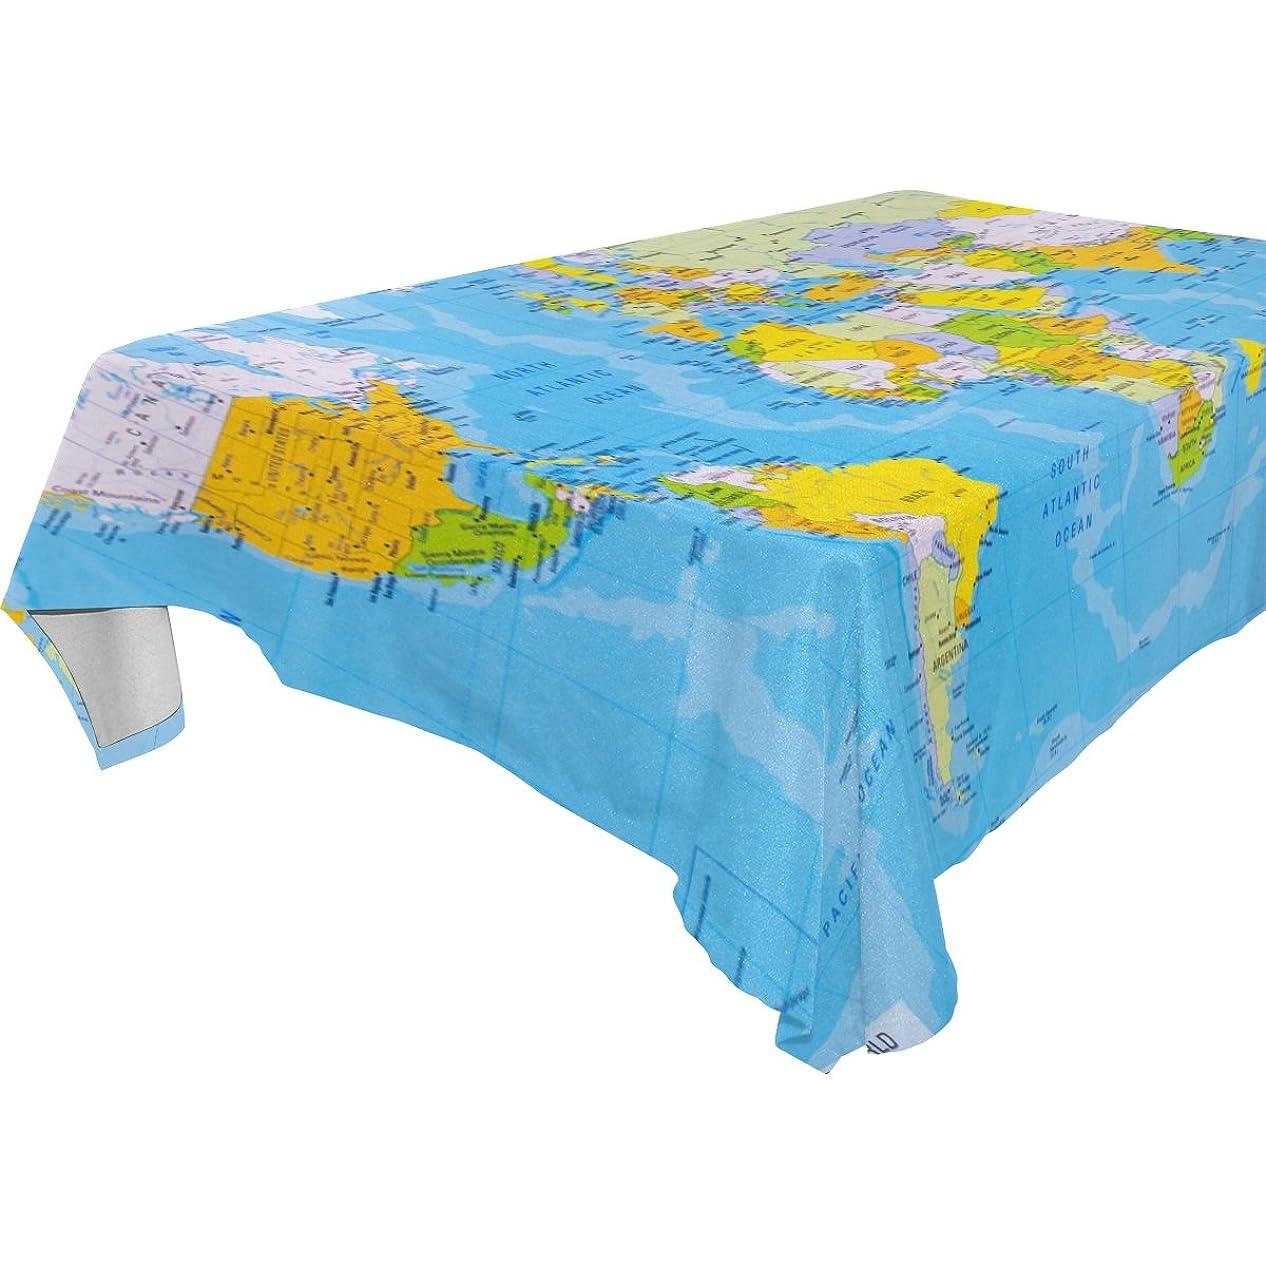 メタリック体細胞ズームインするバララ(La Rose) テーブルクロス 撥水 耐熱 厚手 北欧 正方形 おしゃれ 青い 世界地図 絵柄 テーブルマット 長方形 滑り止め 汚れに耐える 家庭の食卓カバー 飾りクロス ダイニング レストラン用 150x230cm